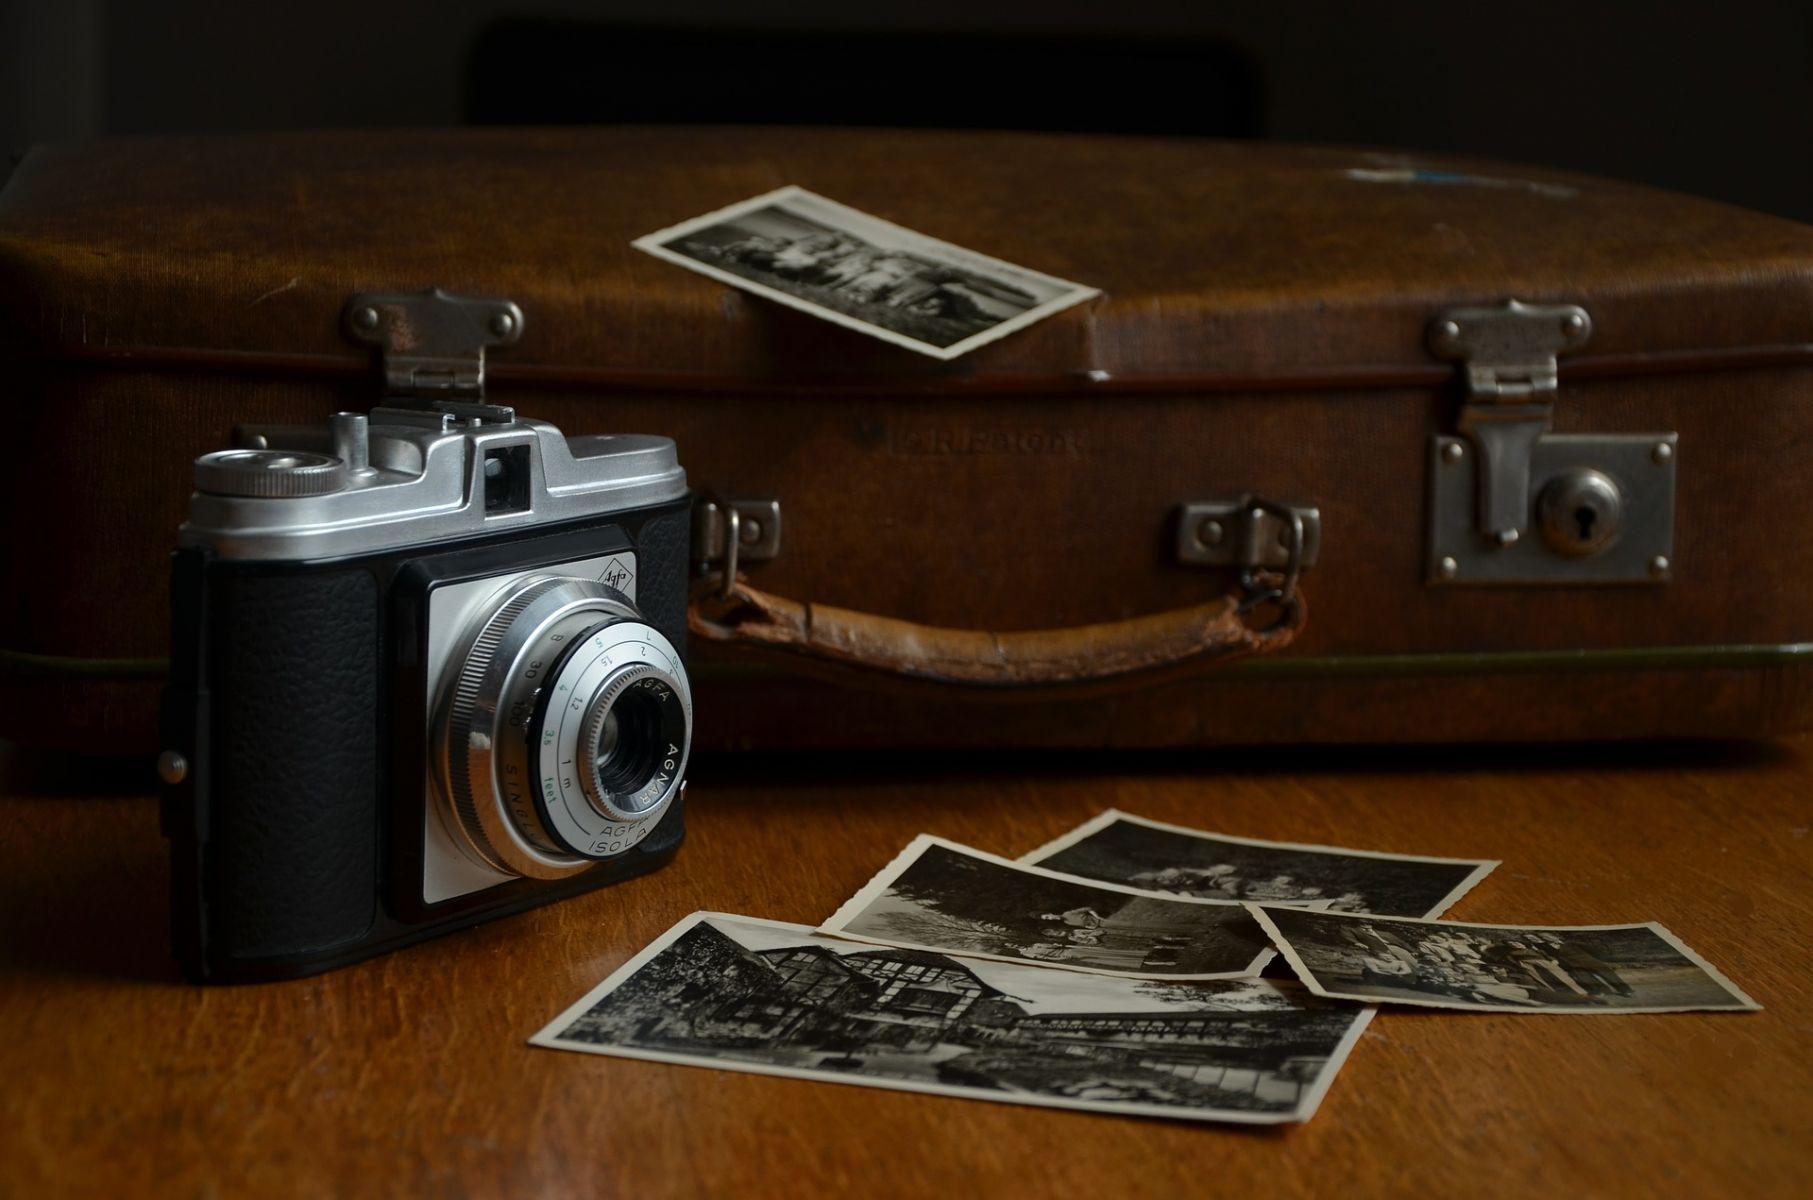 把一生的美好醃作照片 老的時候下酒談笑憶往